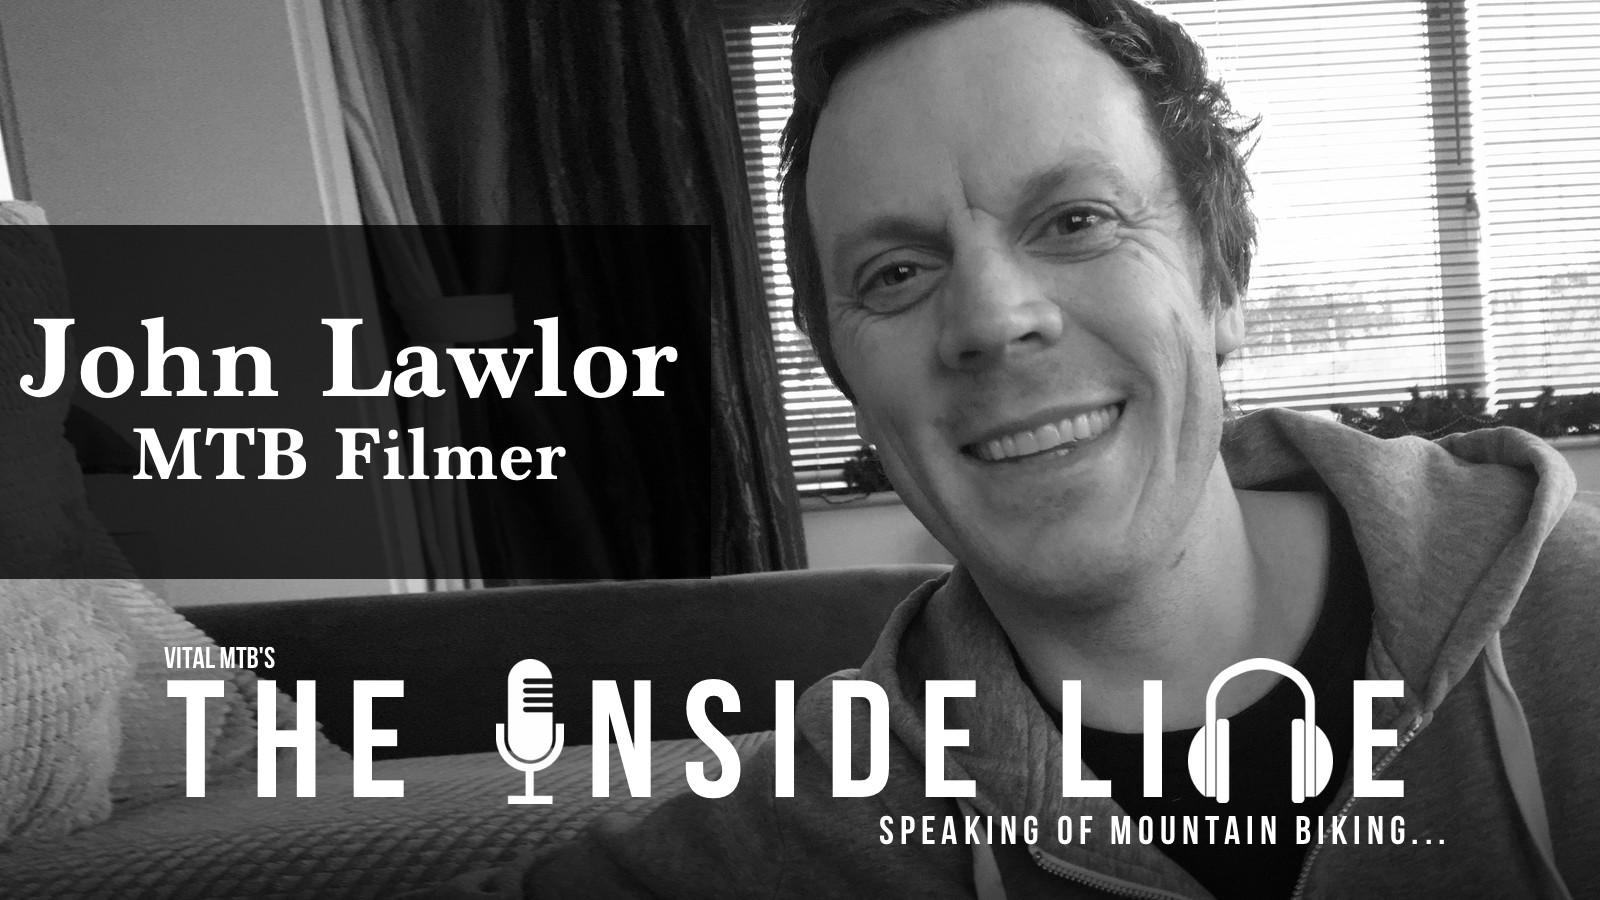 John Lawlor, MTB Filmer - The Inside Line Podcast